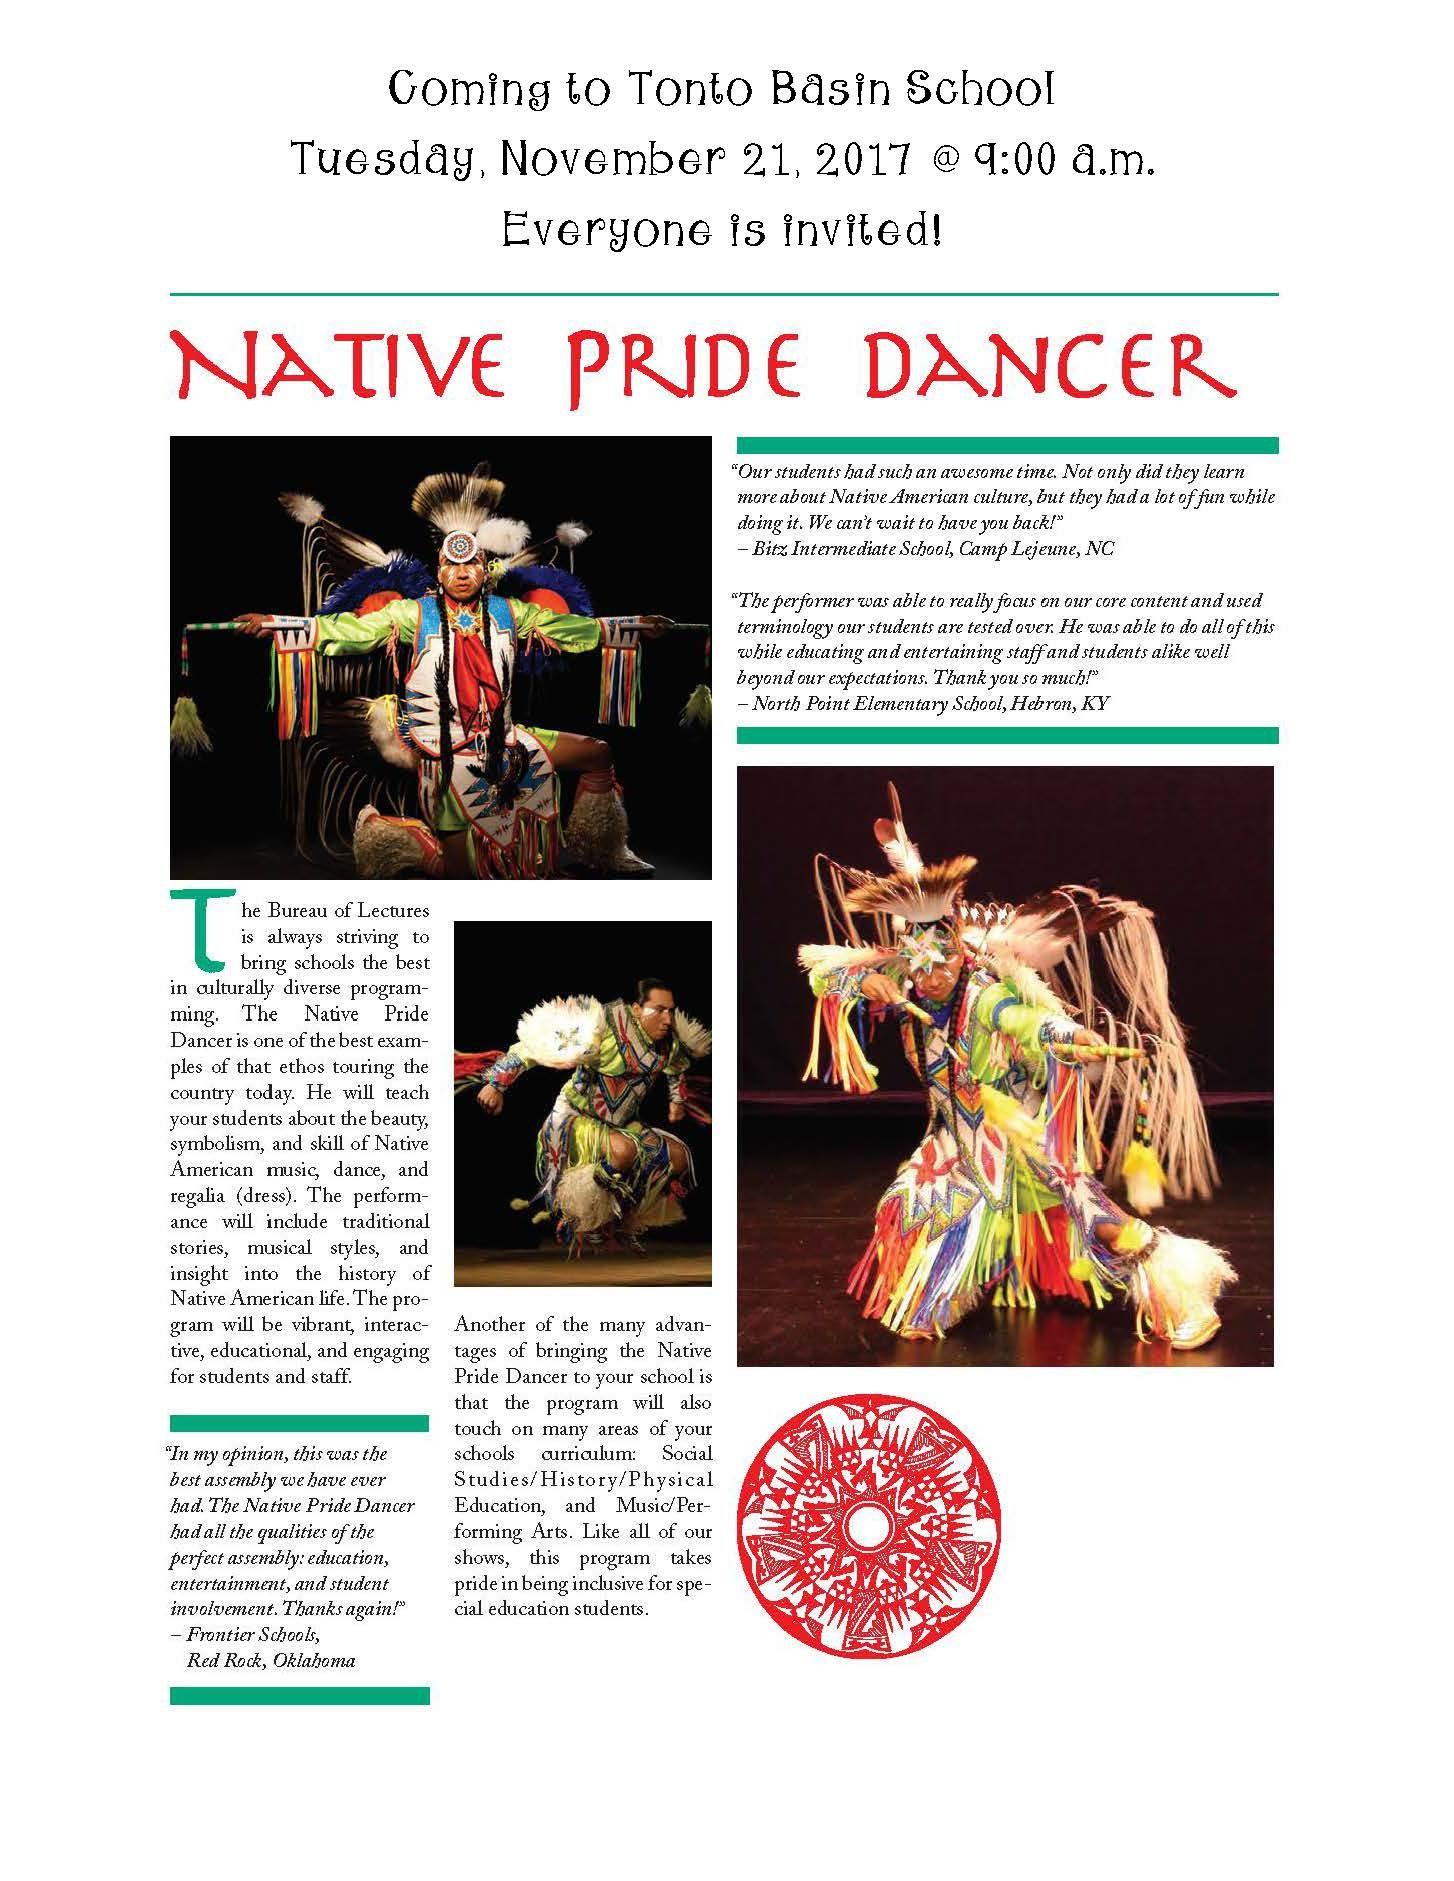 Native Pride Dancer